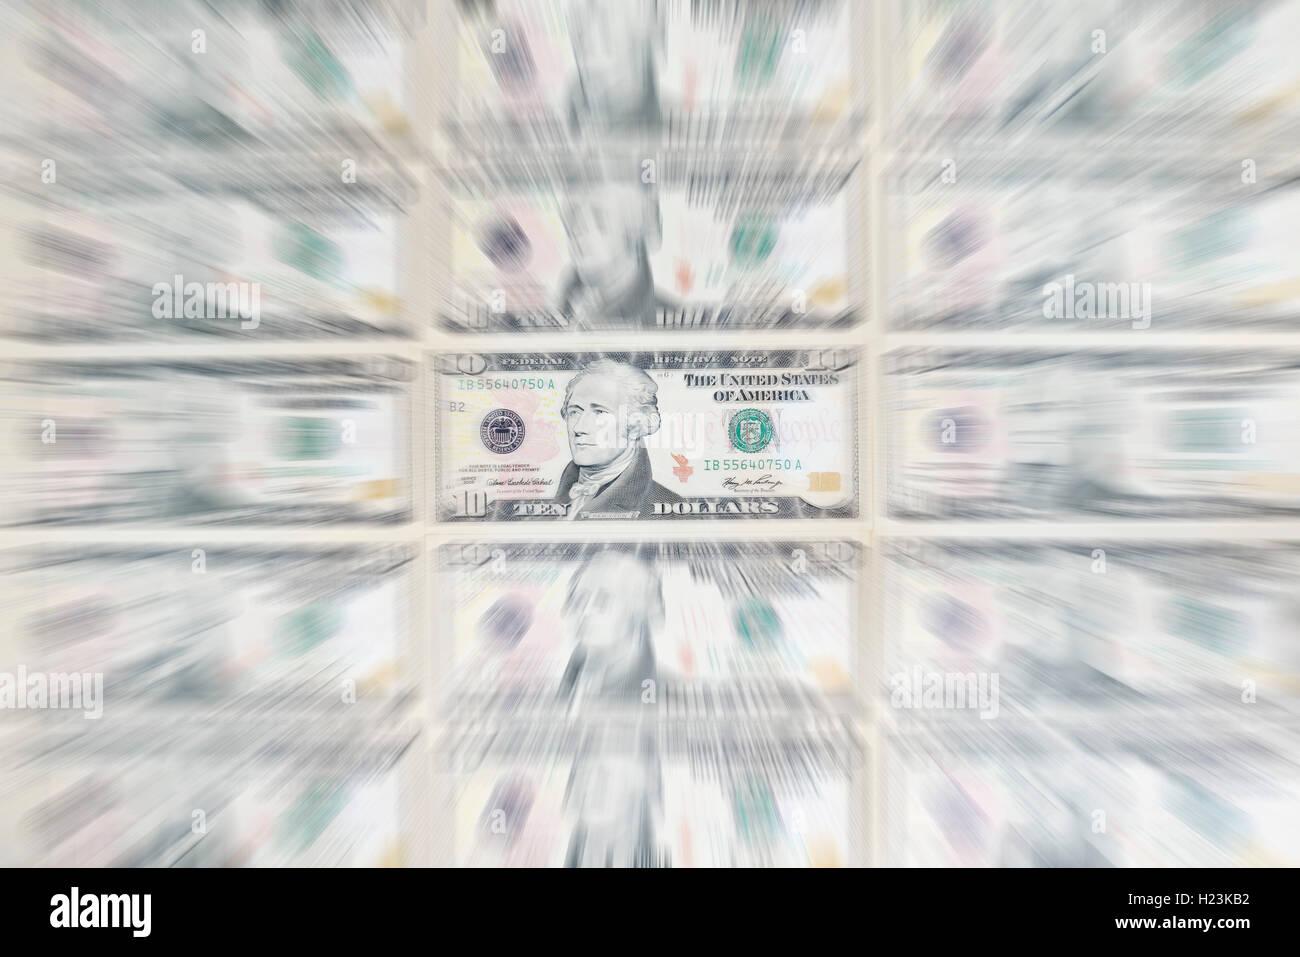 US dollar bills, 10 dollar bill - Stock Image